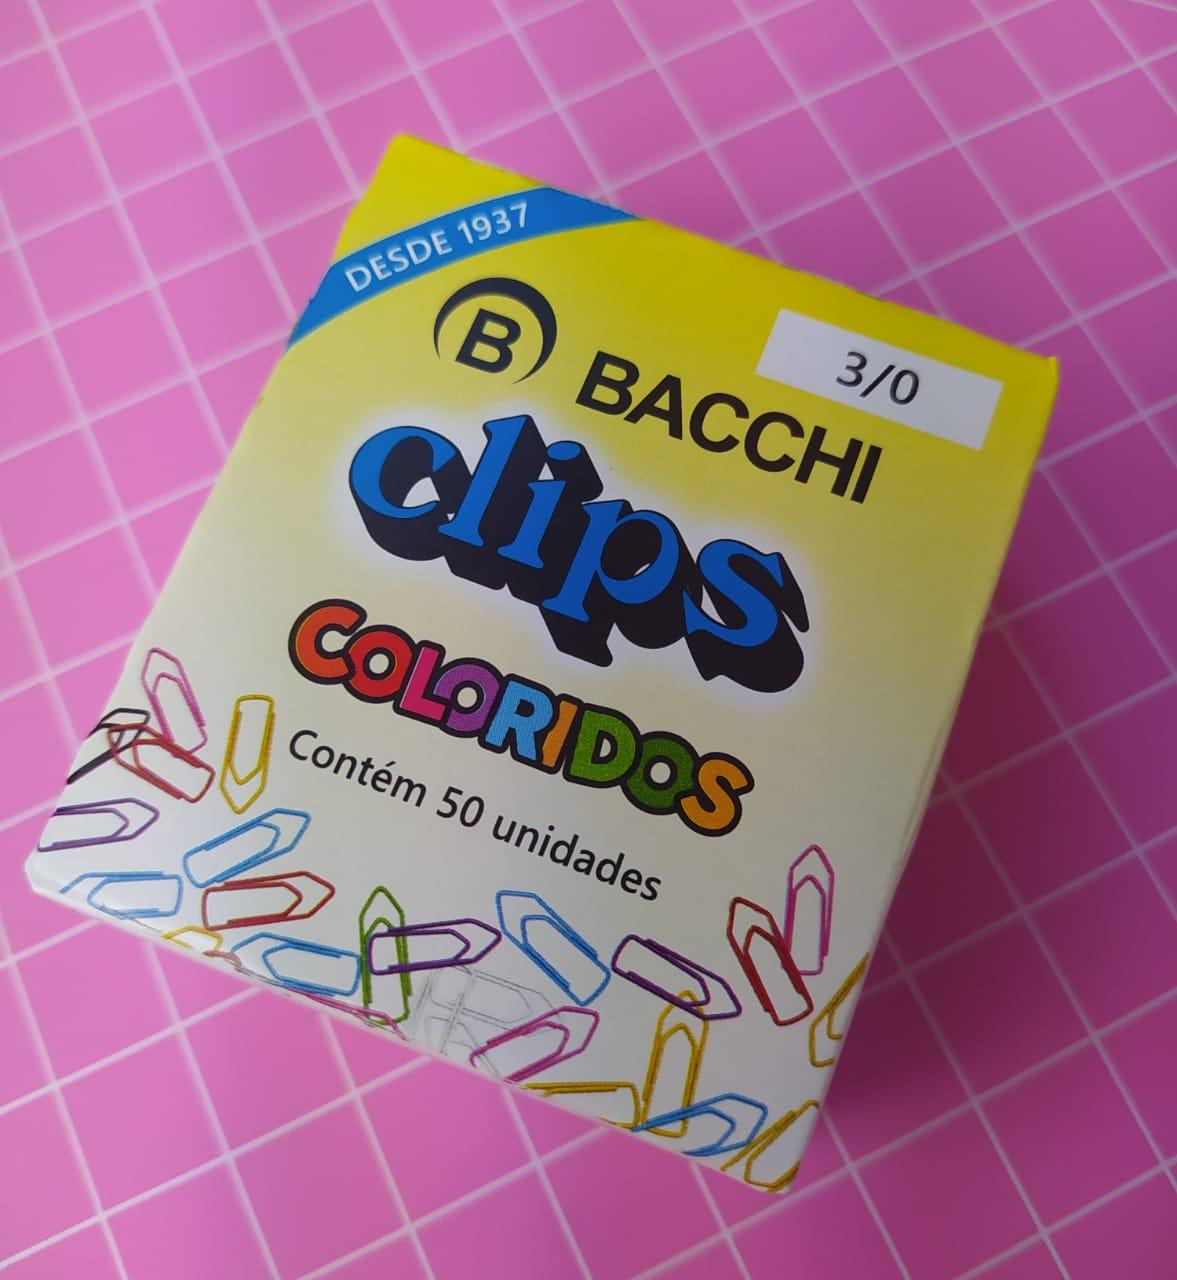 CLIPS COLORIDO REF.3/0 C/50 UNIDADES 13552 - BACCHI